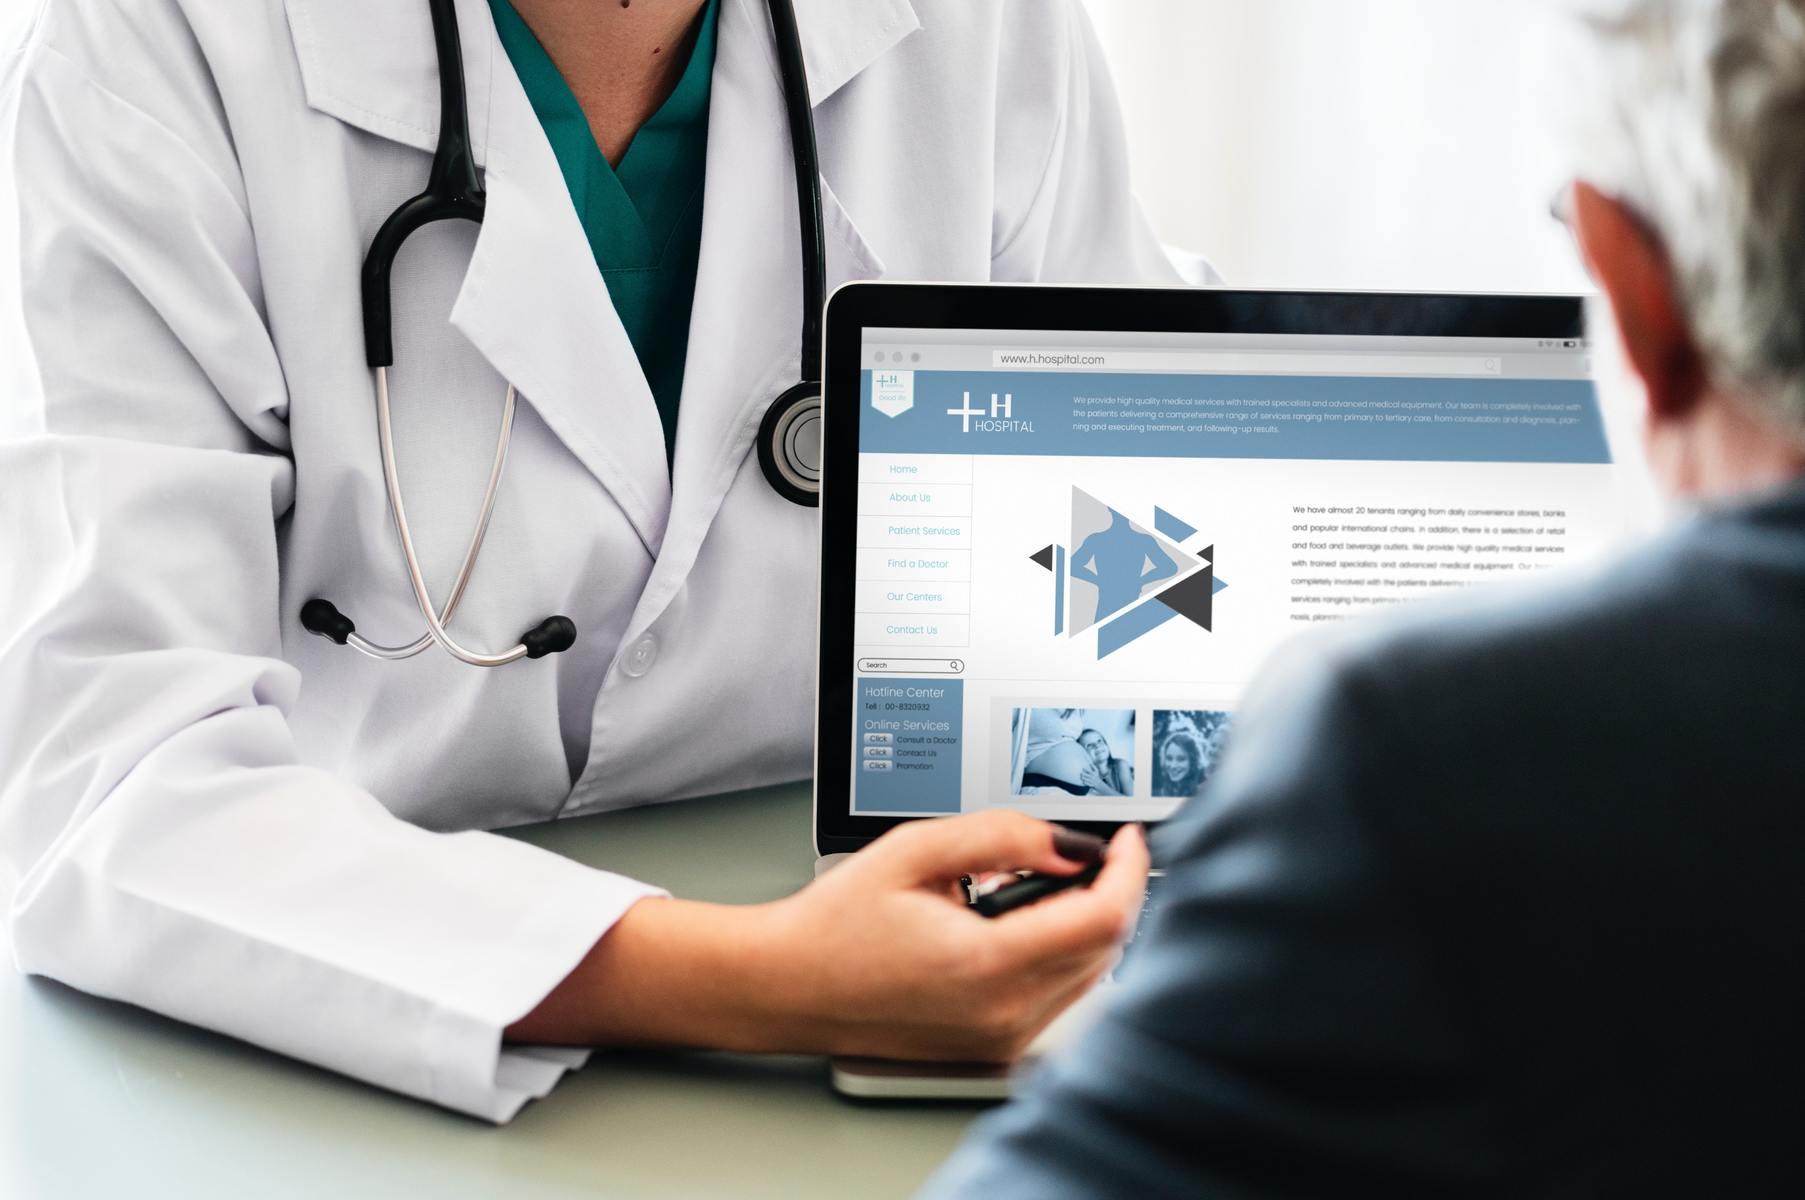 Les professionnels de santé vont pouvoir communiquer